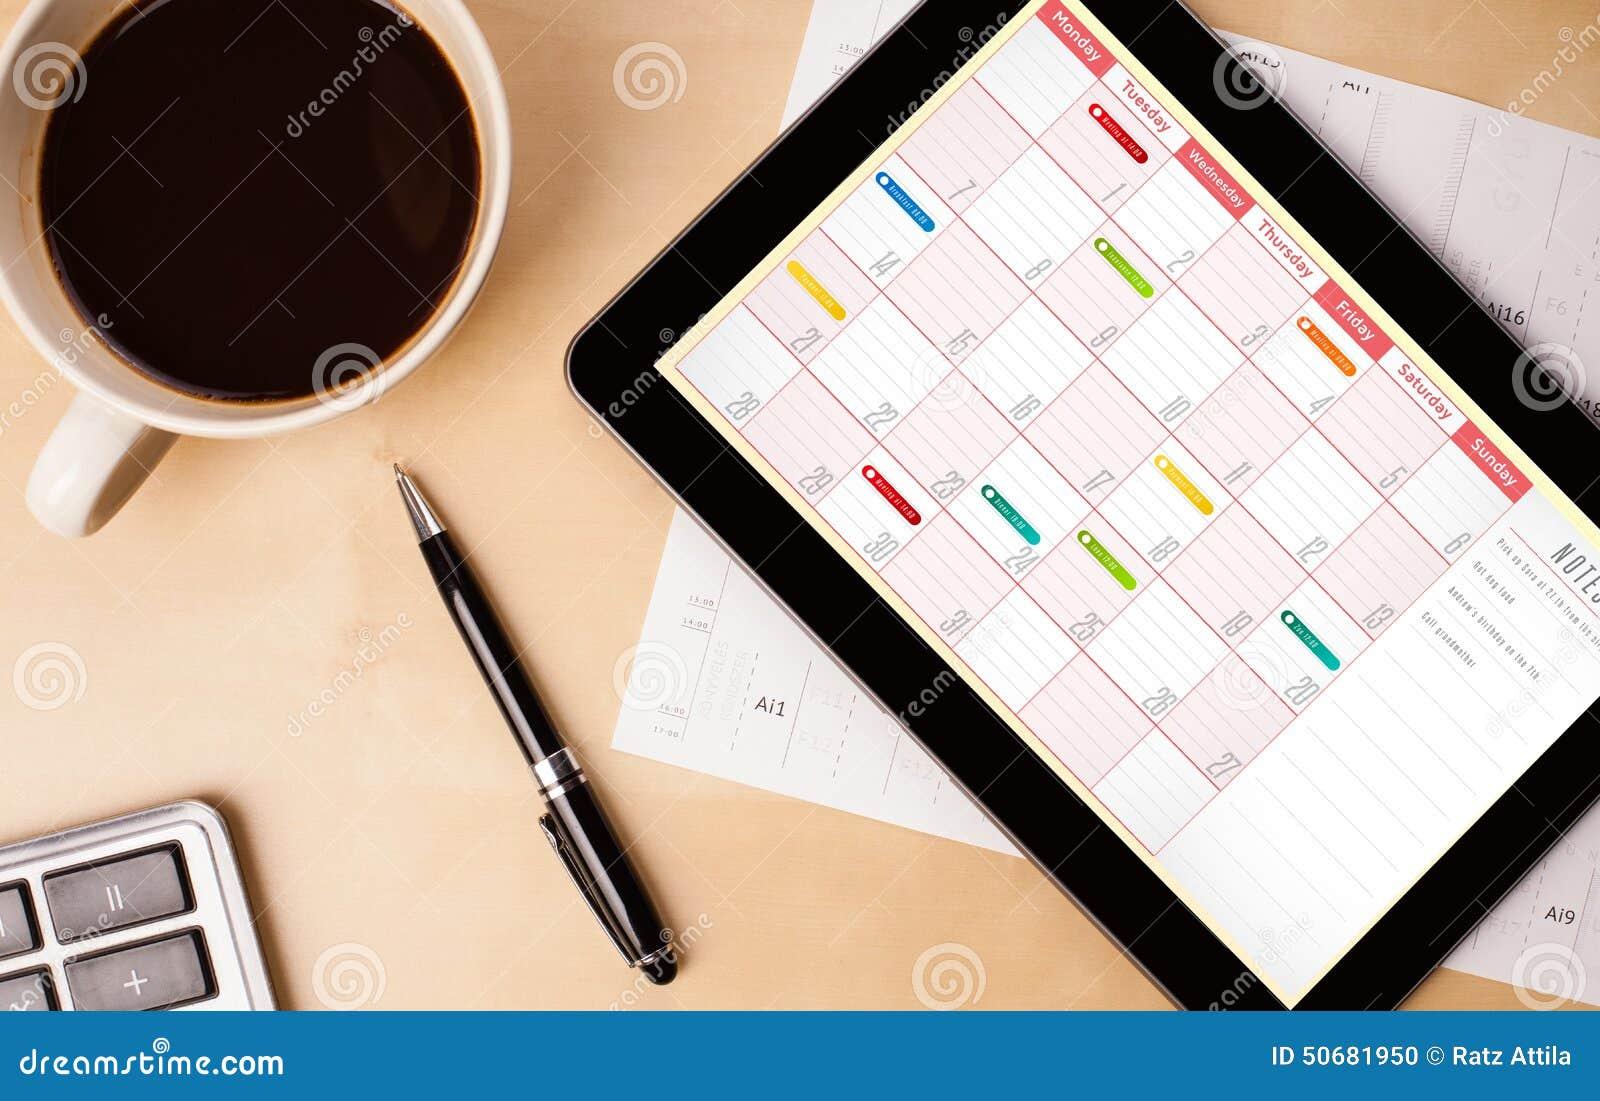 Download 压片显示在屏幕上的个人计算机日历有一杯咖啡的在d的 库存照片. 图片 包括有 背包, 评估人, 早晨, 耳机 - 50681950